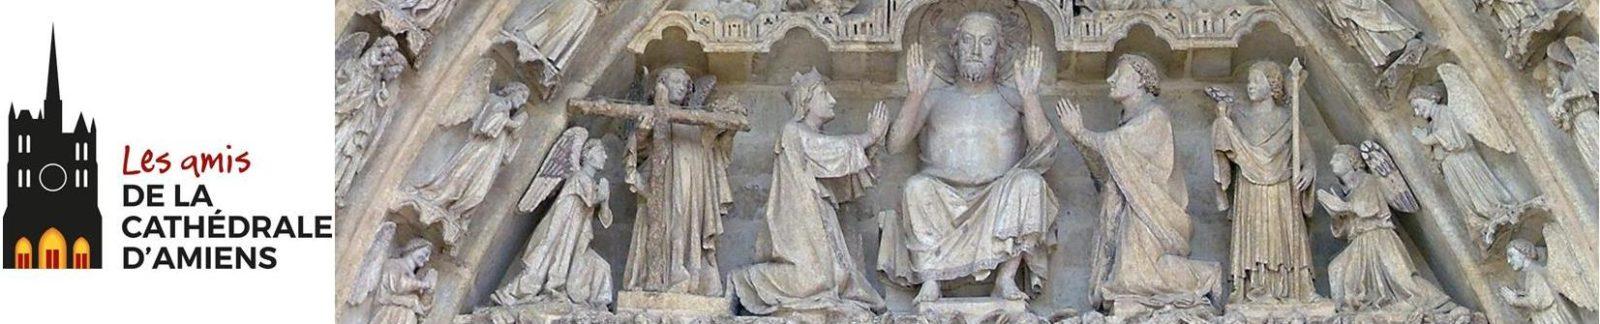 http://amis-cathedrale-amiens.fr/wp-content/uploads/2019/01/cropped-bandeau-NLogo-DIEU-pour-le-site-WEB-1.jpg